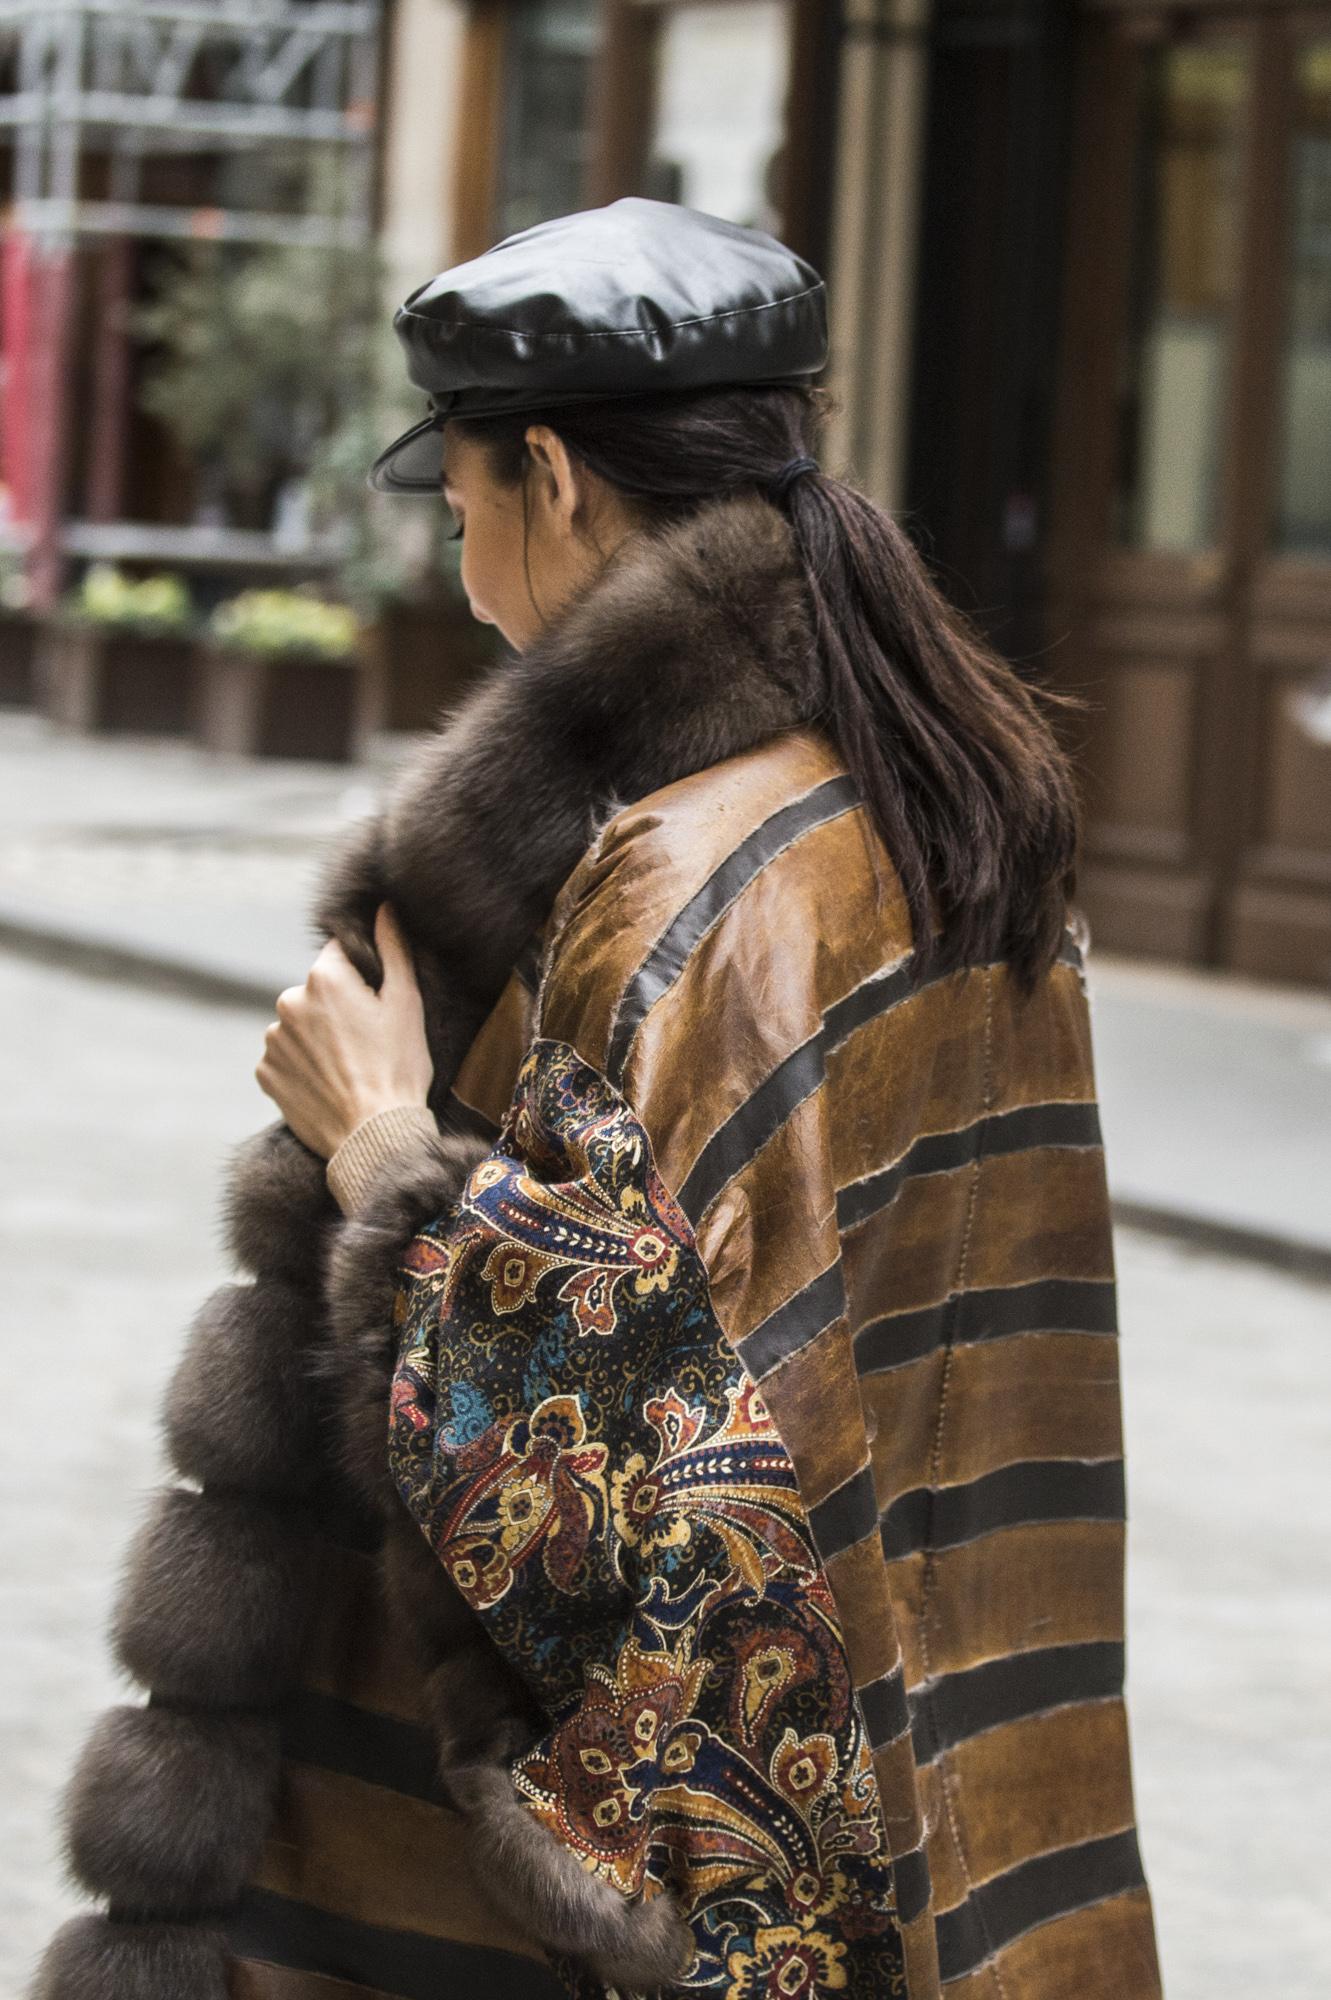 dettaglio chiena cuoio pelliccia zibellino tosato